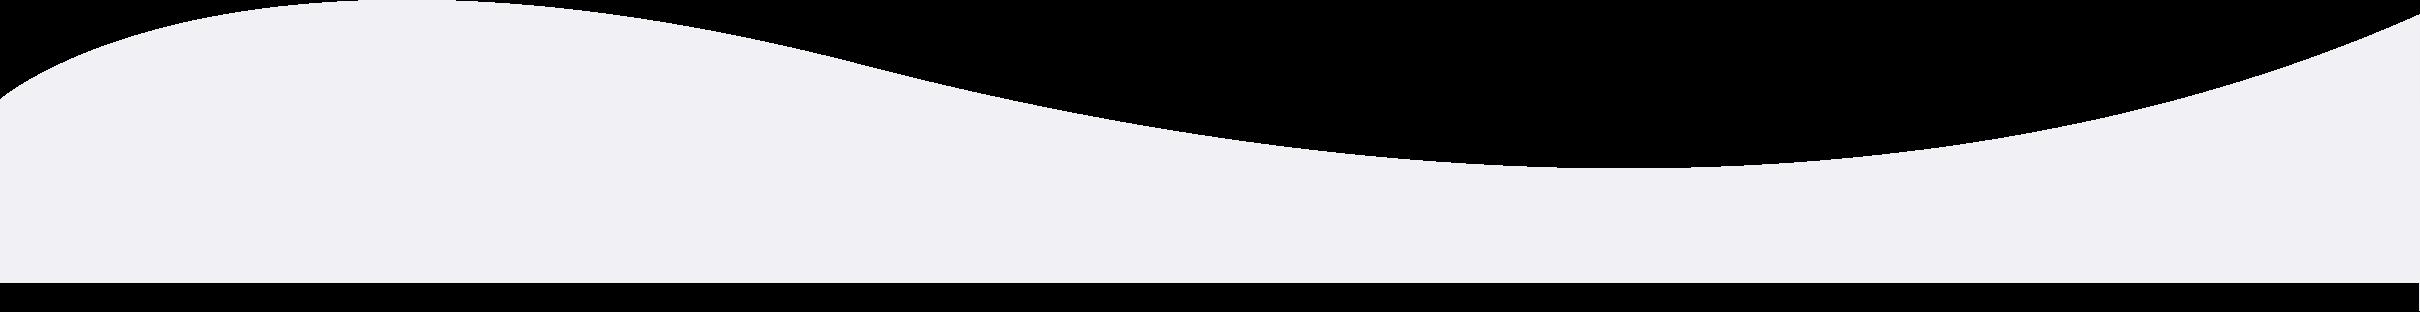 bottom curve shape-Aug-27-2021-07-40-01-80-PM